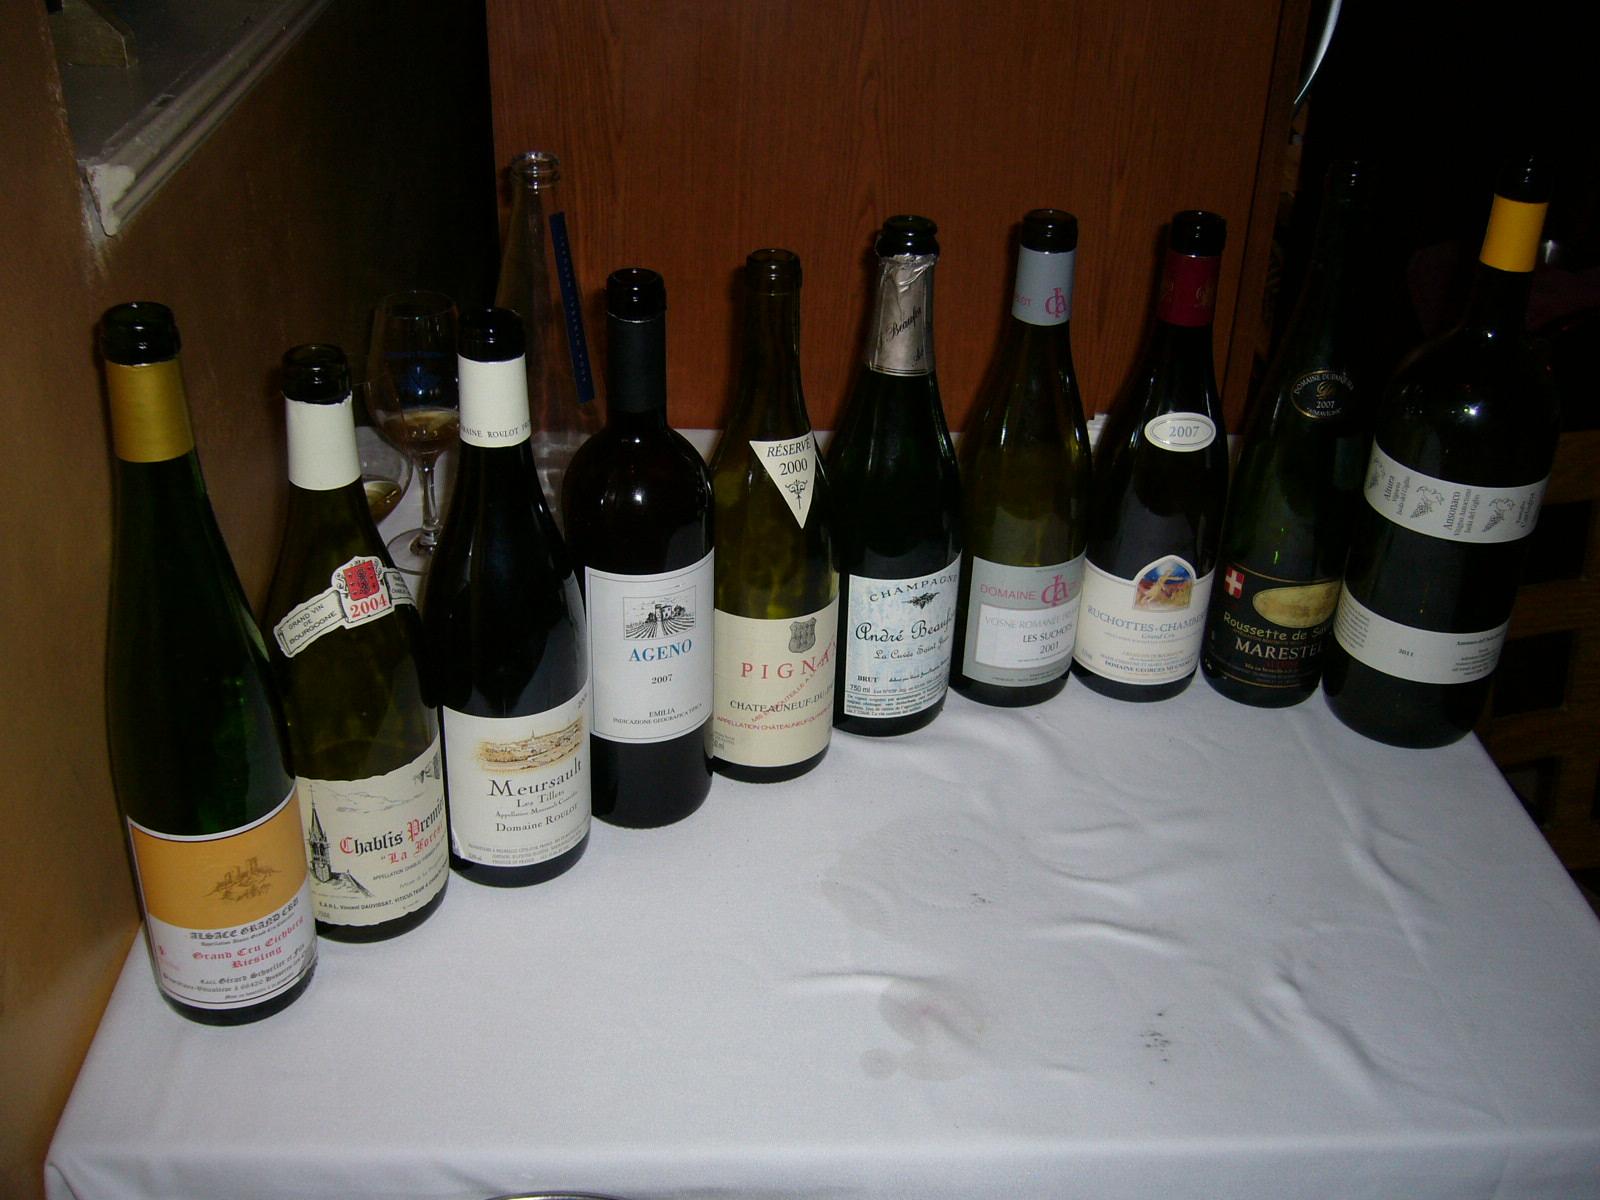 Restaurante en San Feliu de Guixols Los vinos del festín